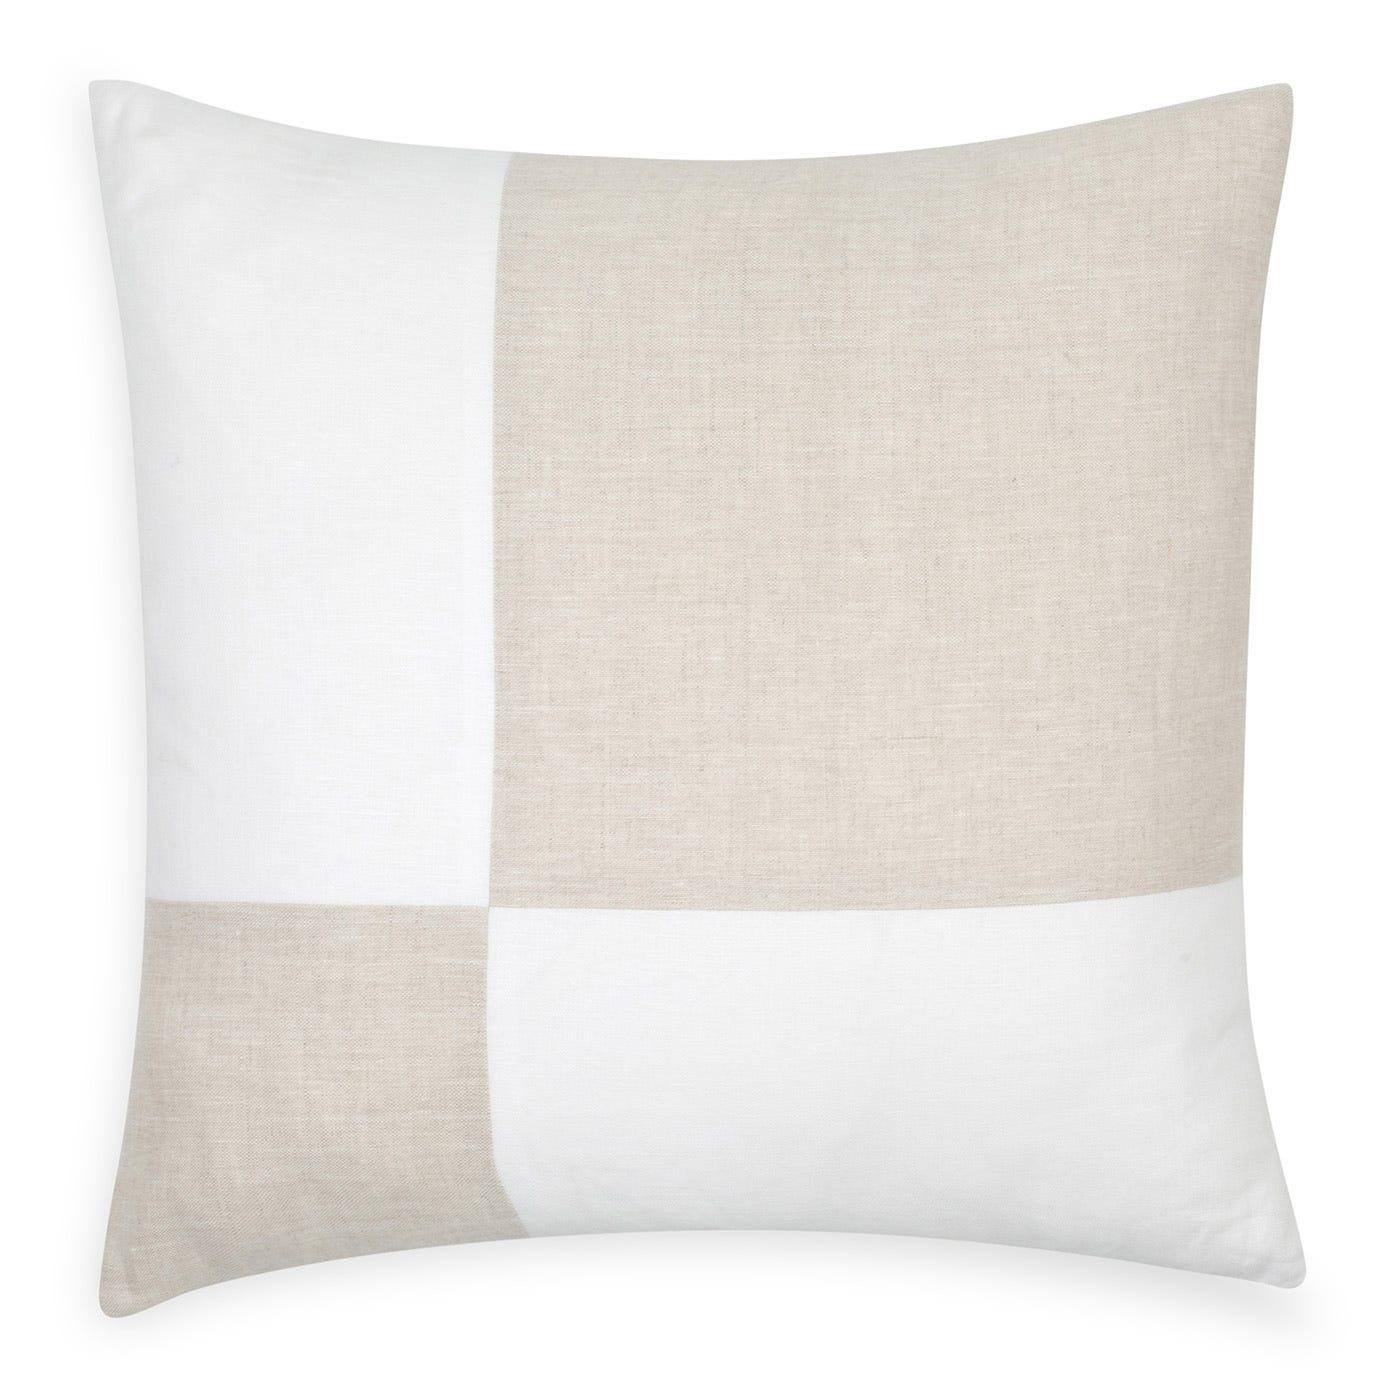 Tara Cushion Linen